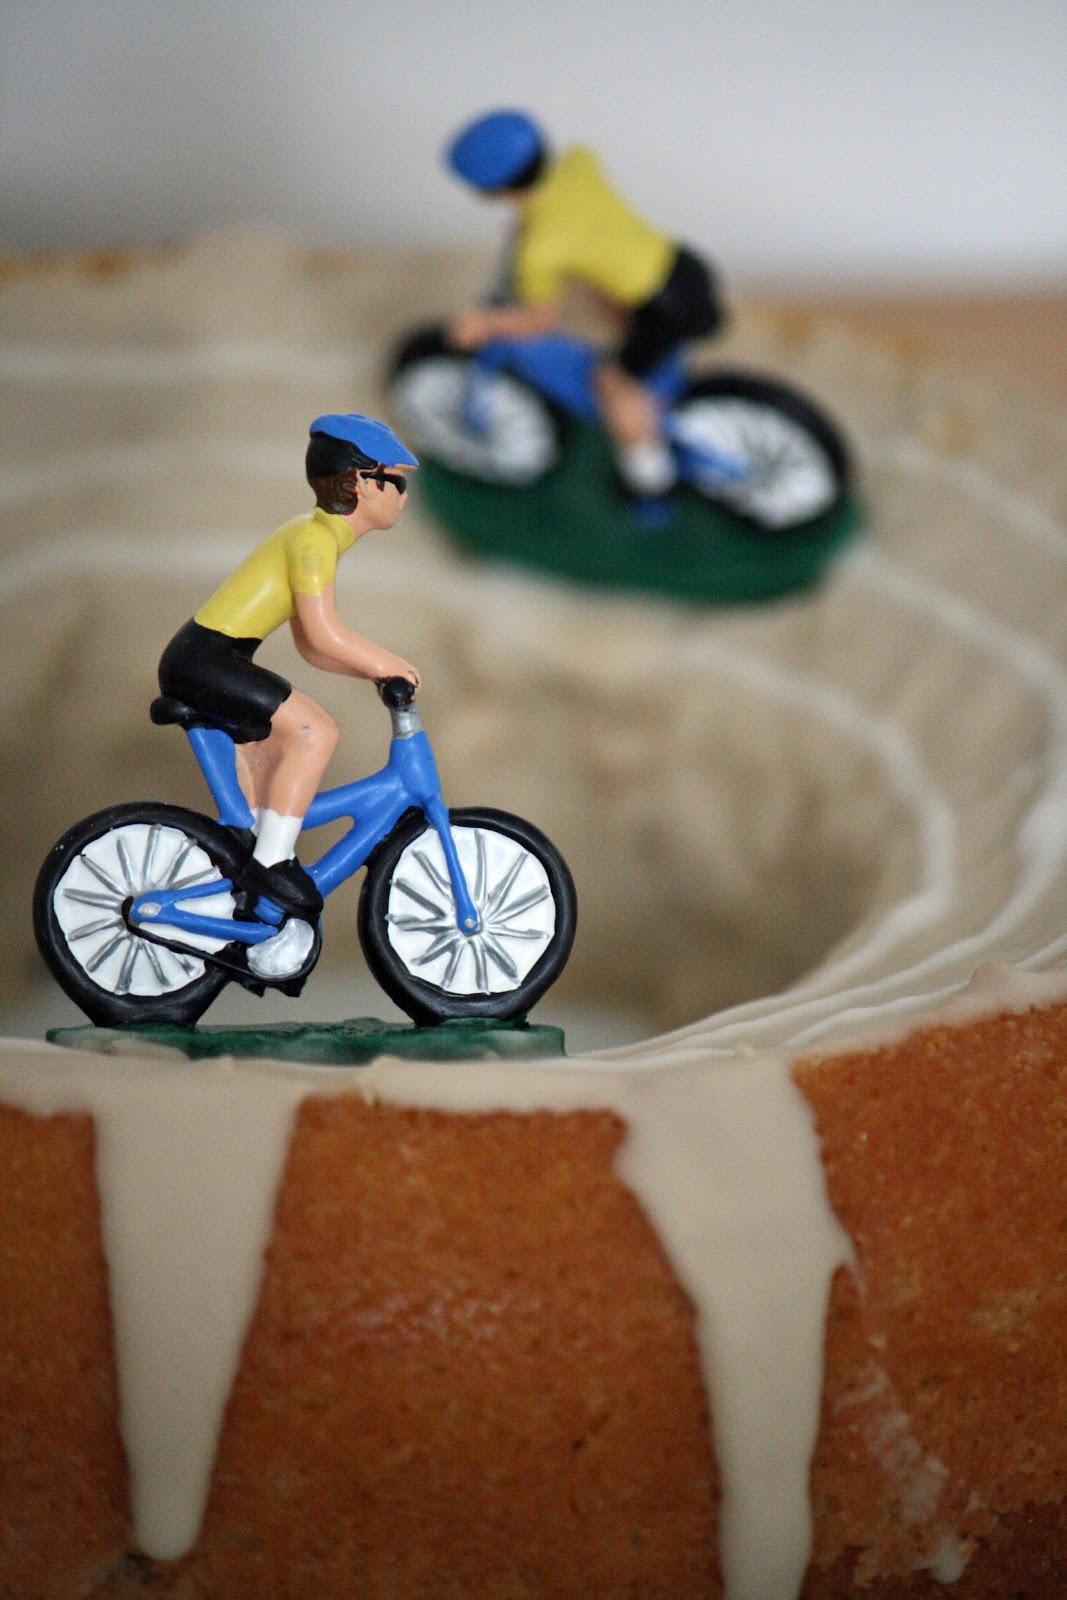 Lauralovescakes Olympic Velodrome Cake